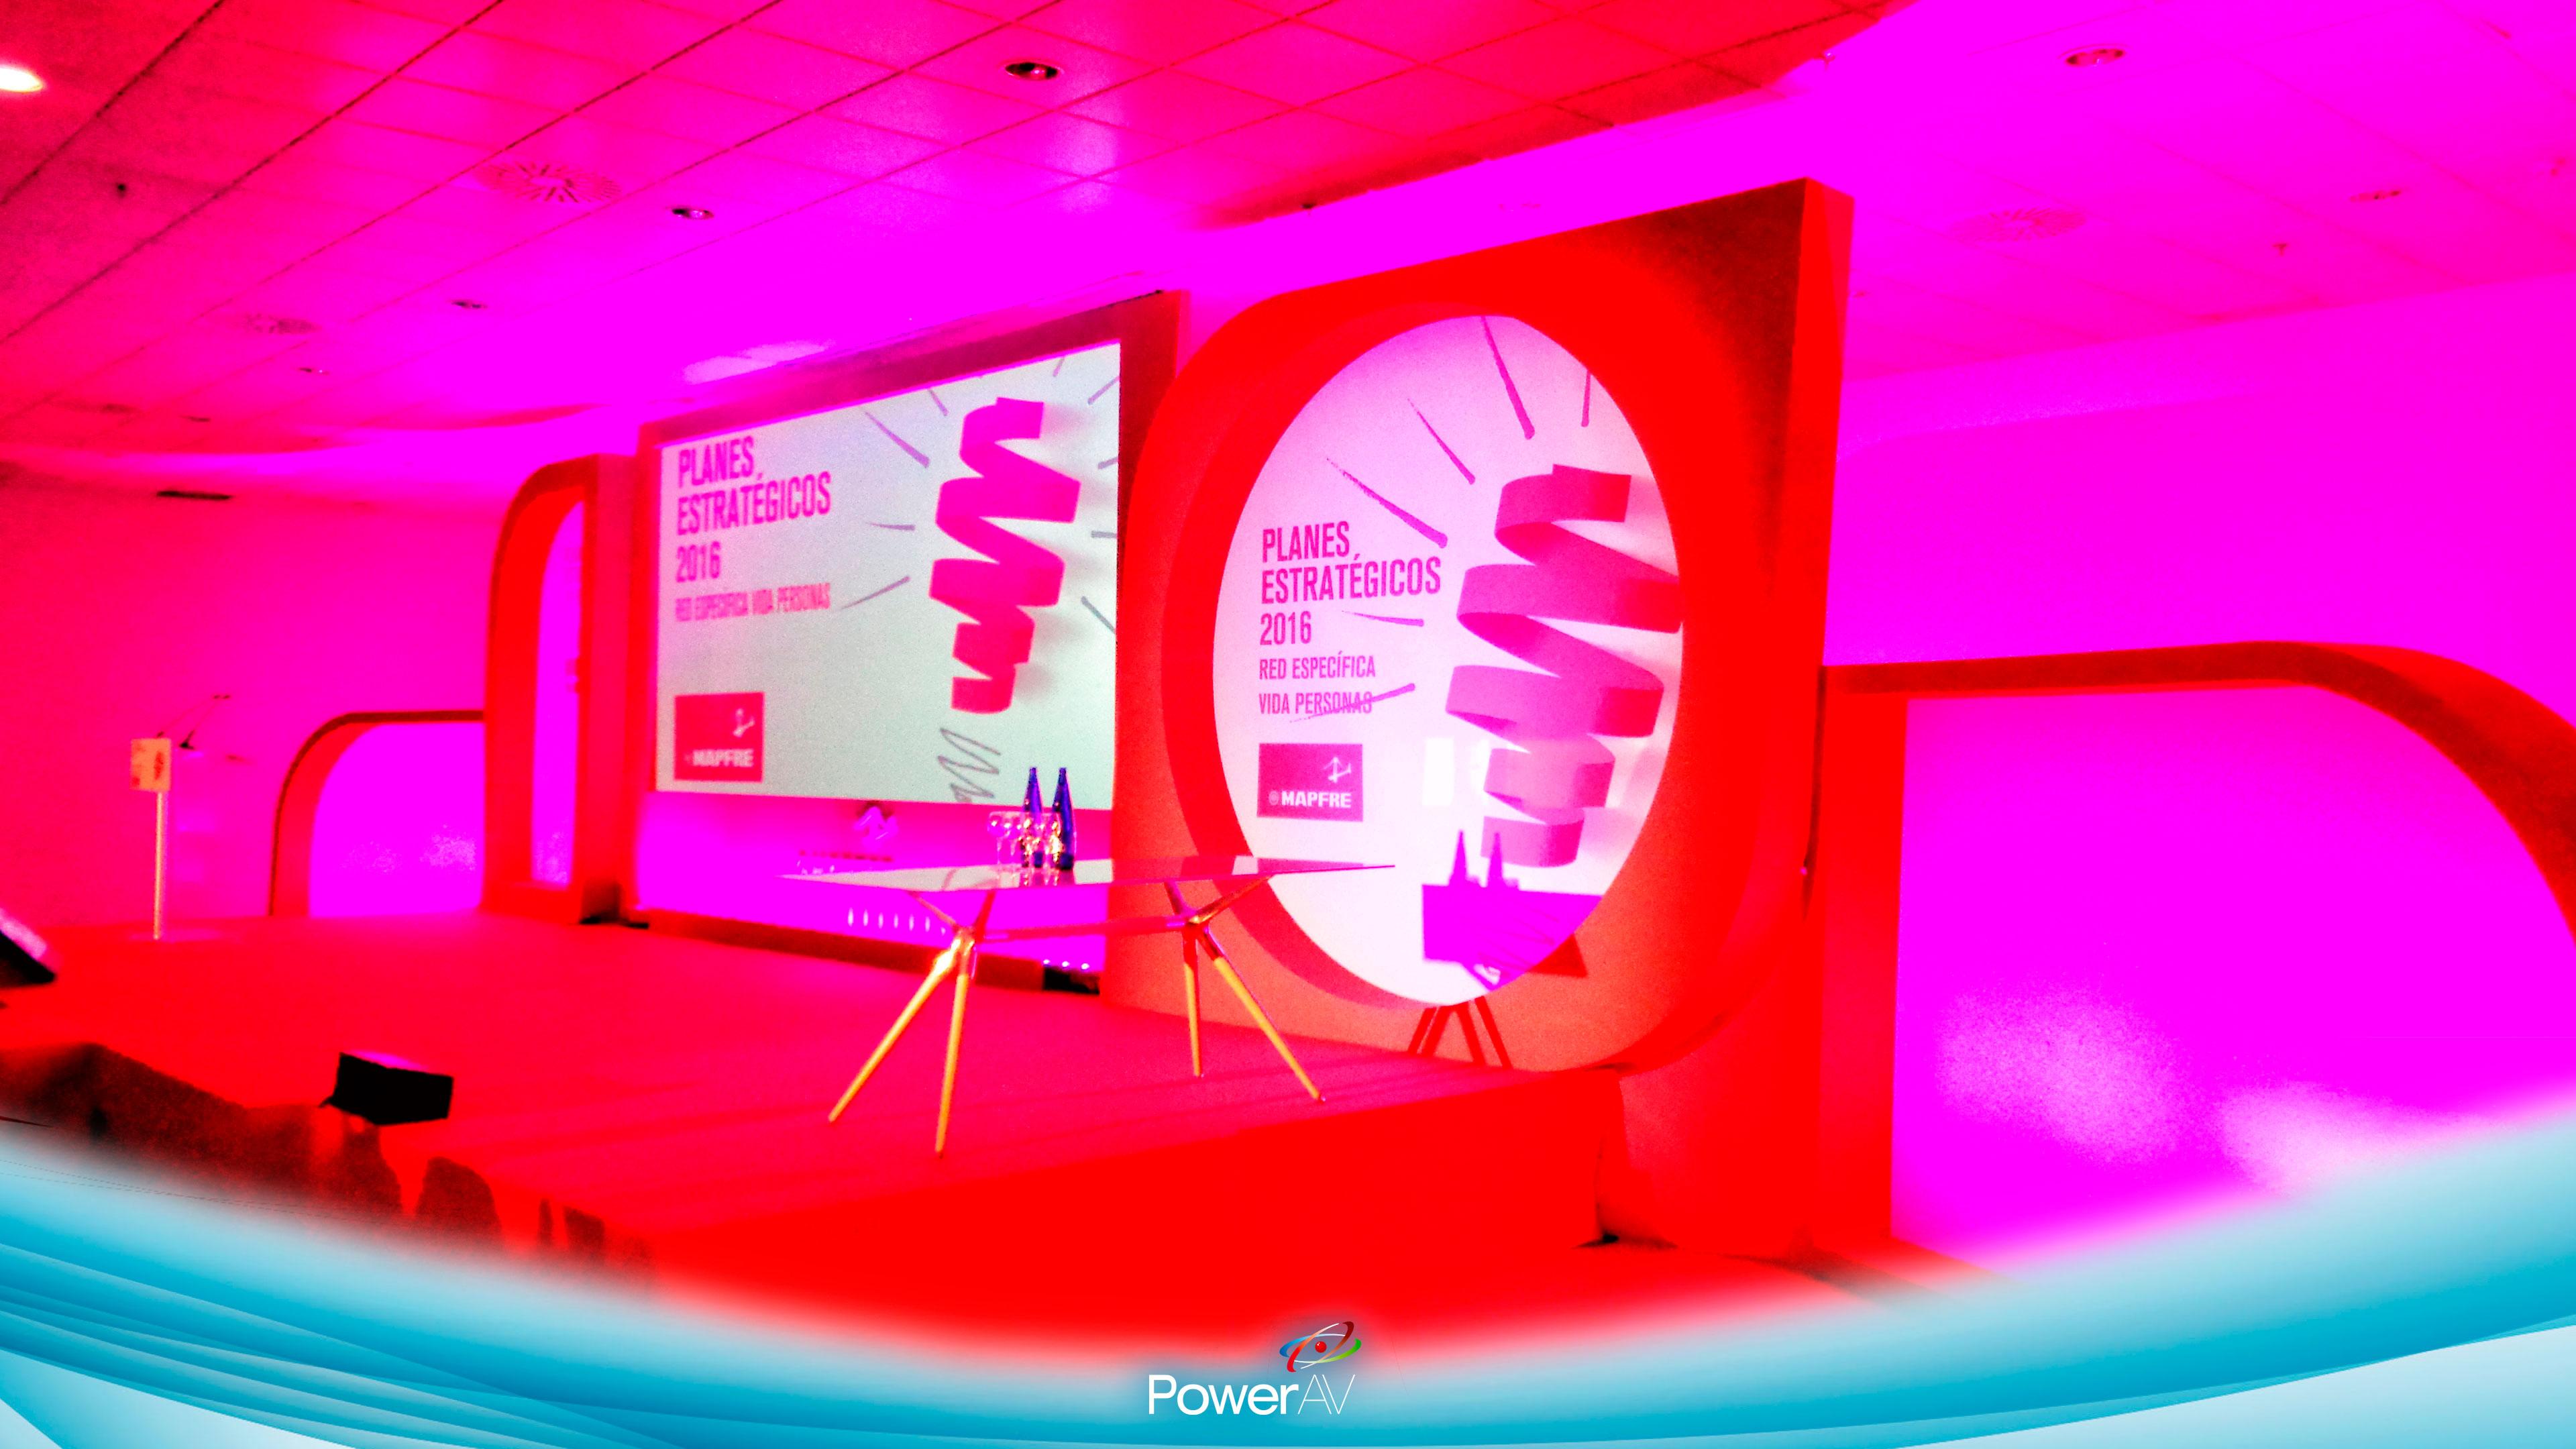 Mapre Planes estratégicos 2016- otros trabajos en convenciones y congresos